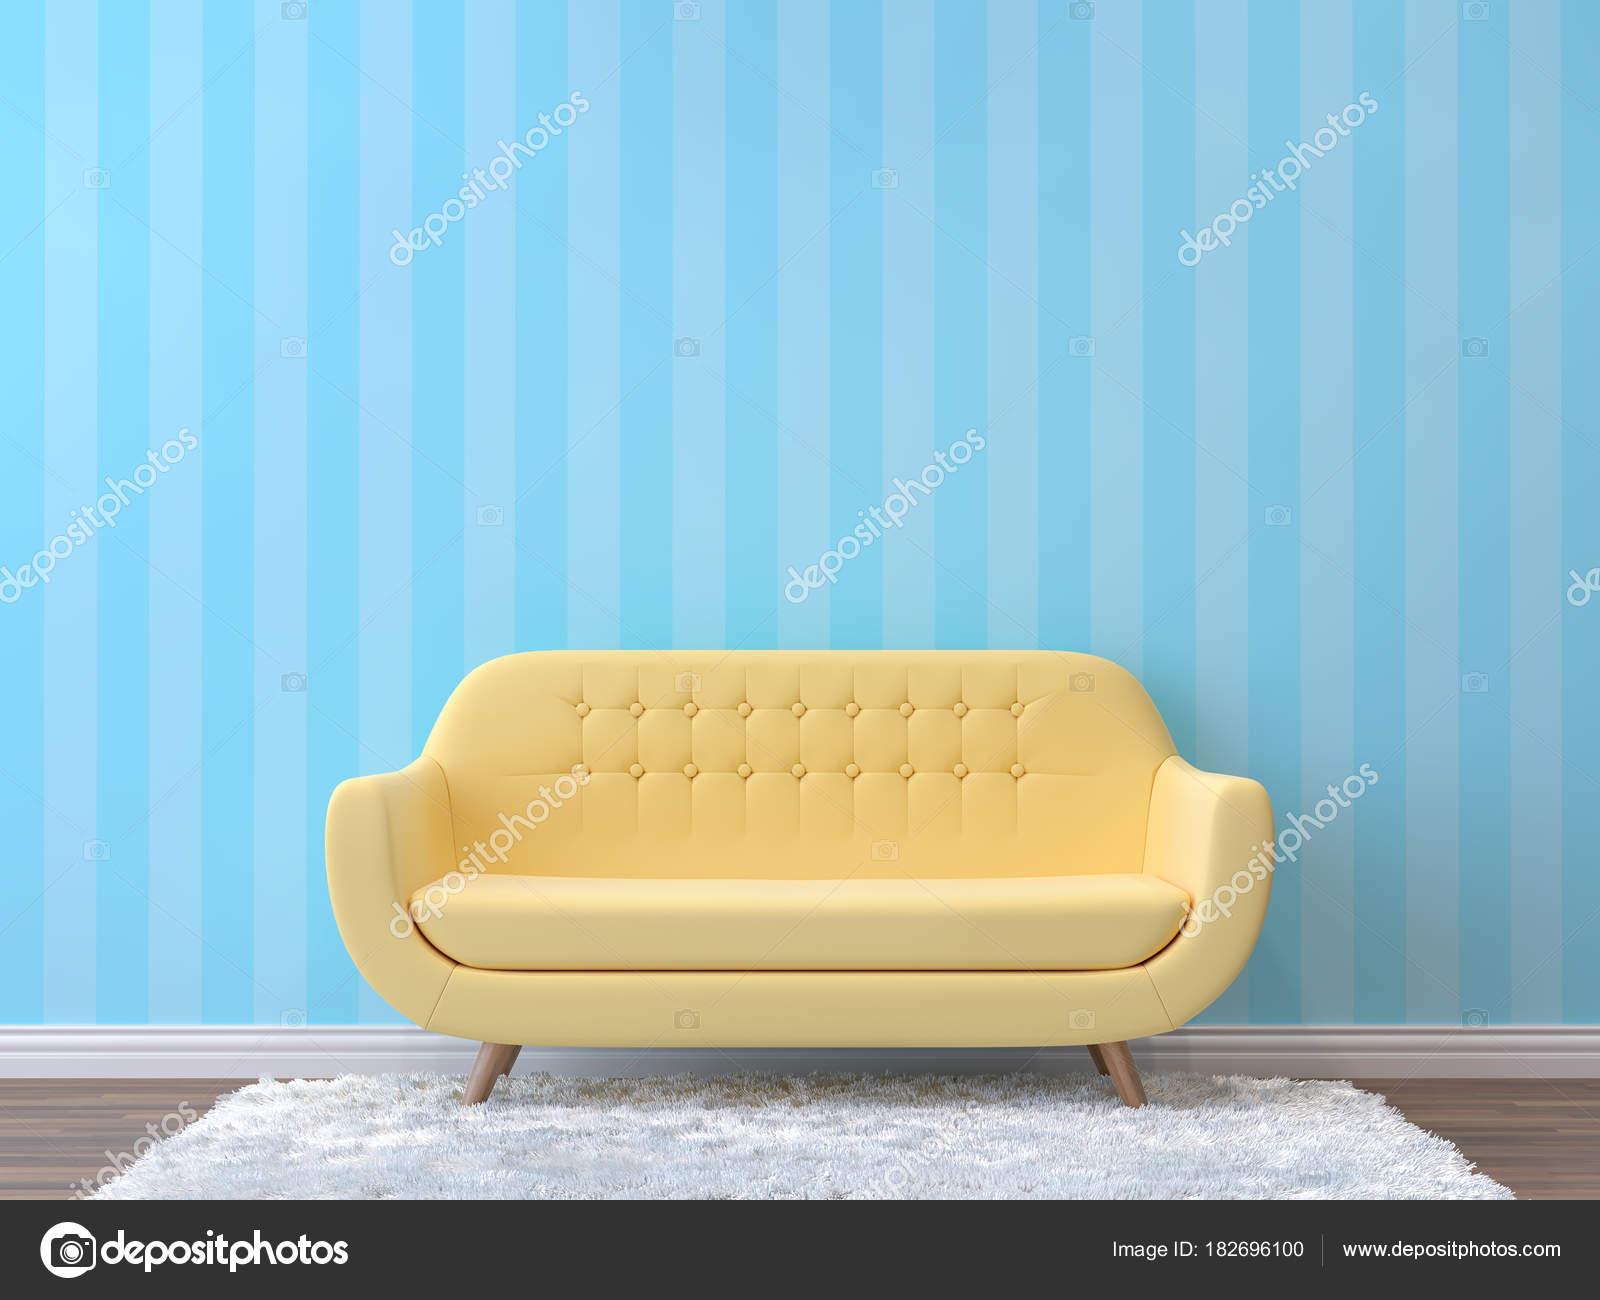 Salon Colore Avec Image Rendu Couleur Pastel Image Style Minimaliste